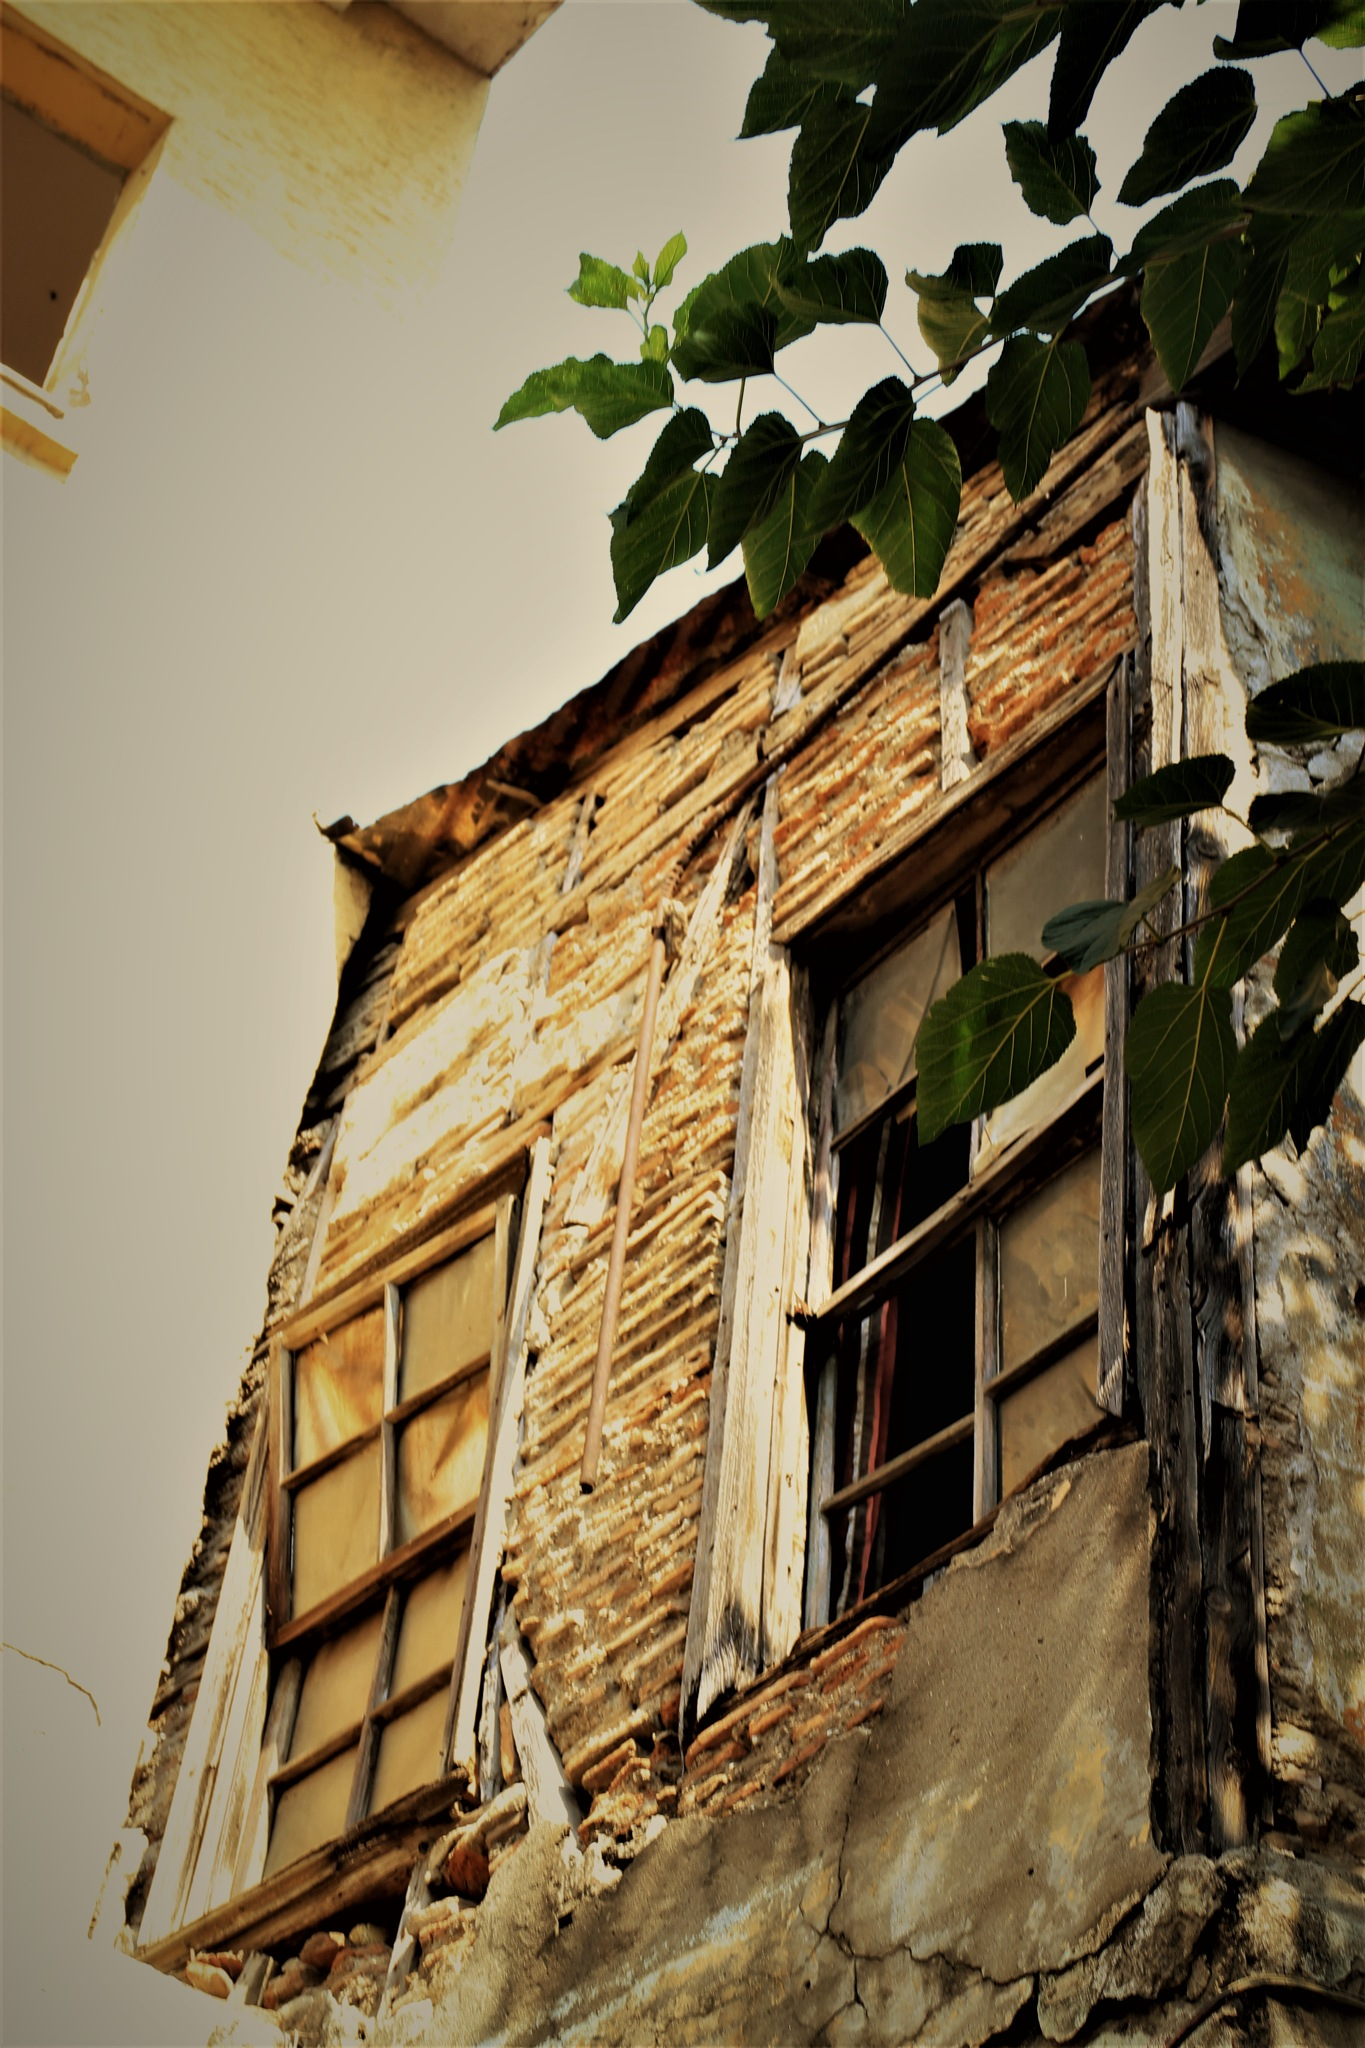 Old Window in Tepebağ District in Adana by AyseA